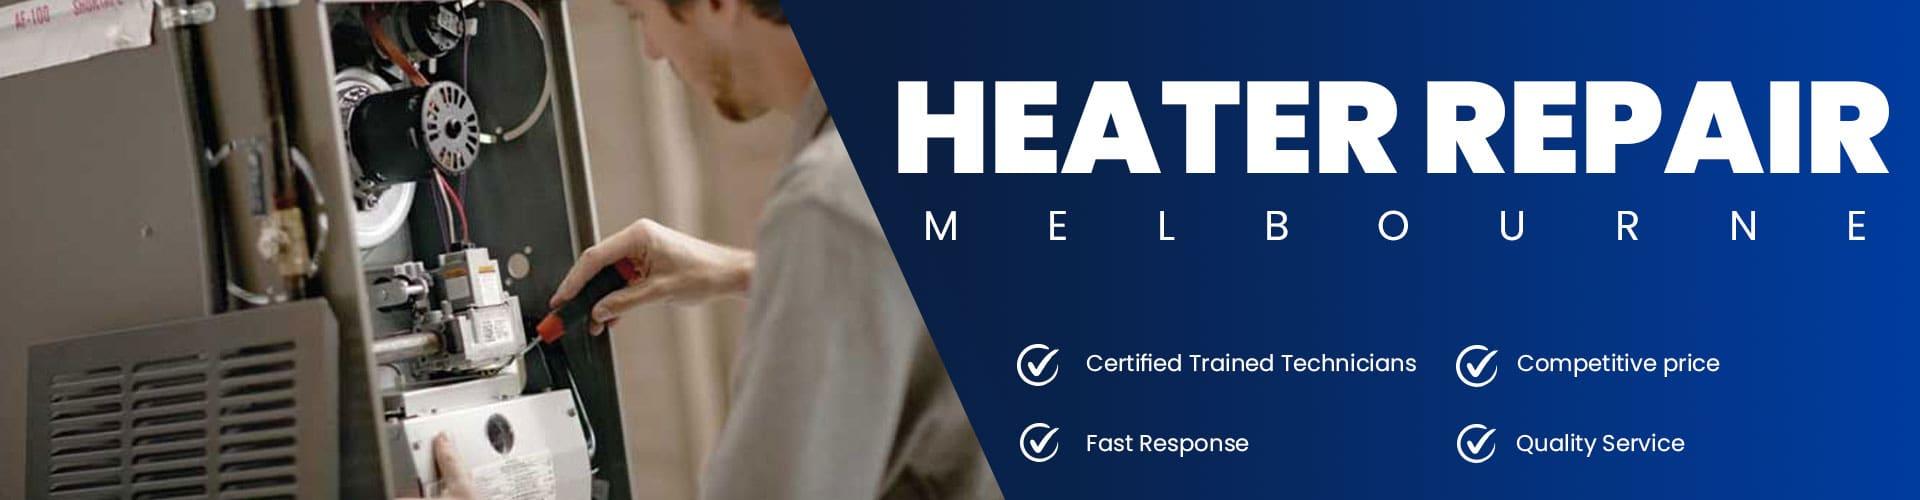 Heater Repair Melbourne